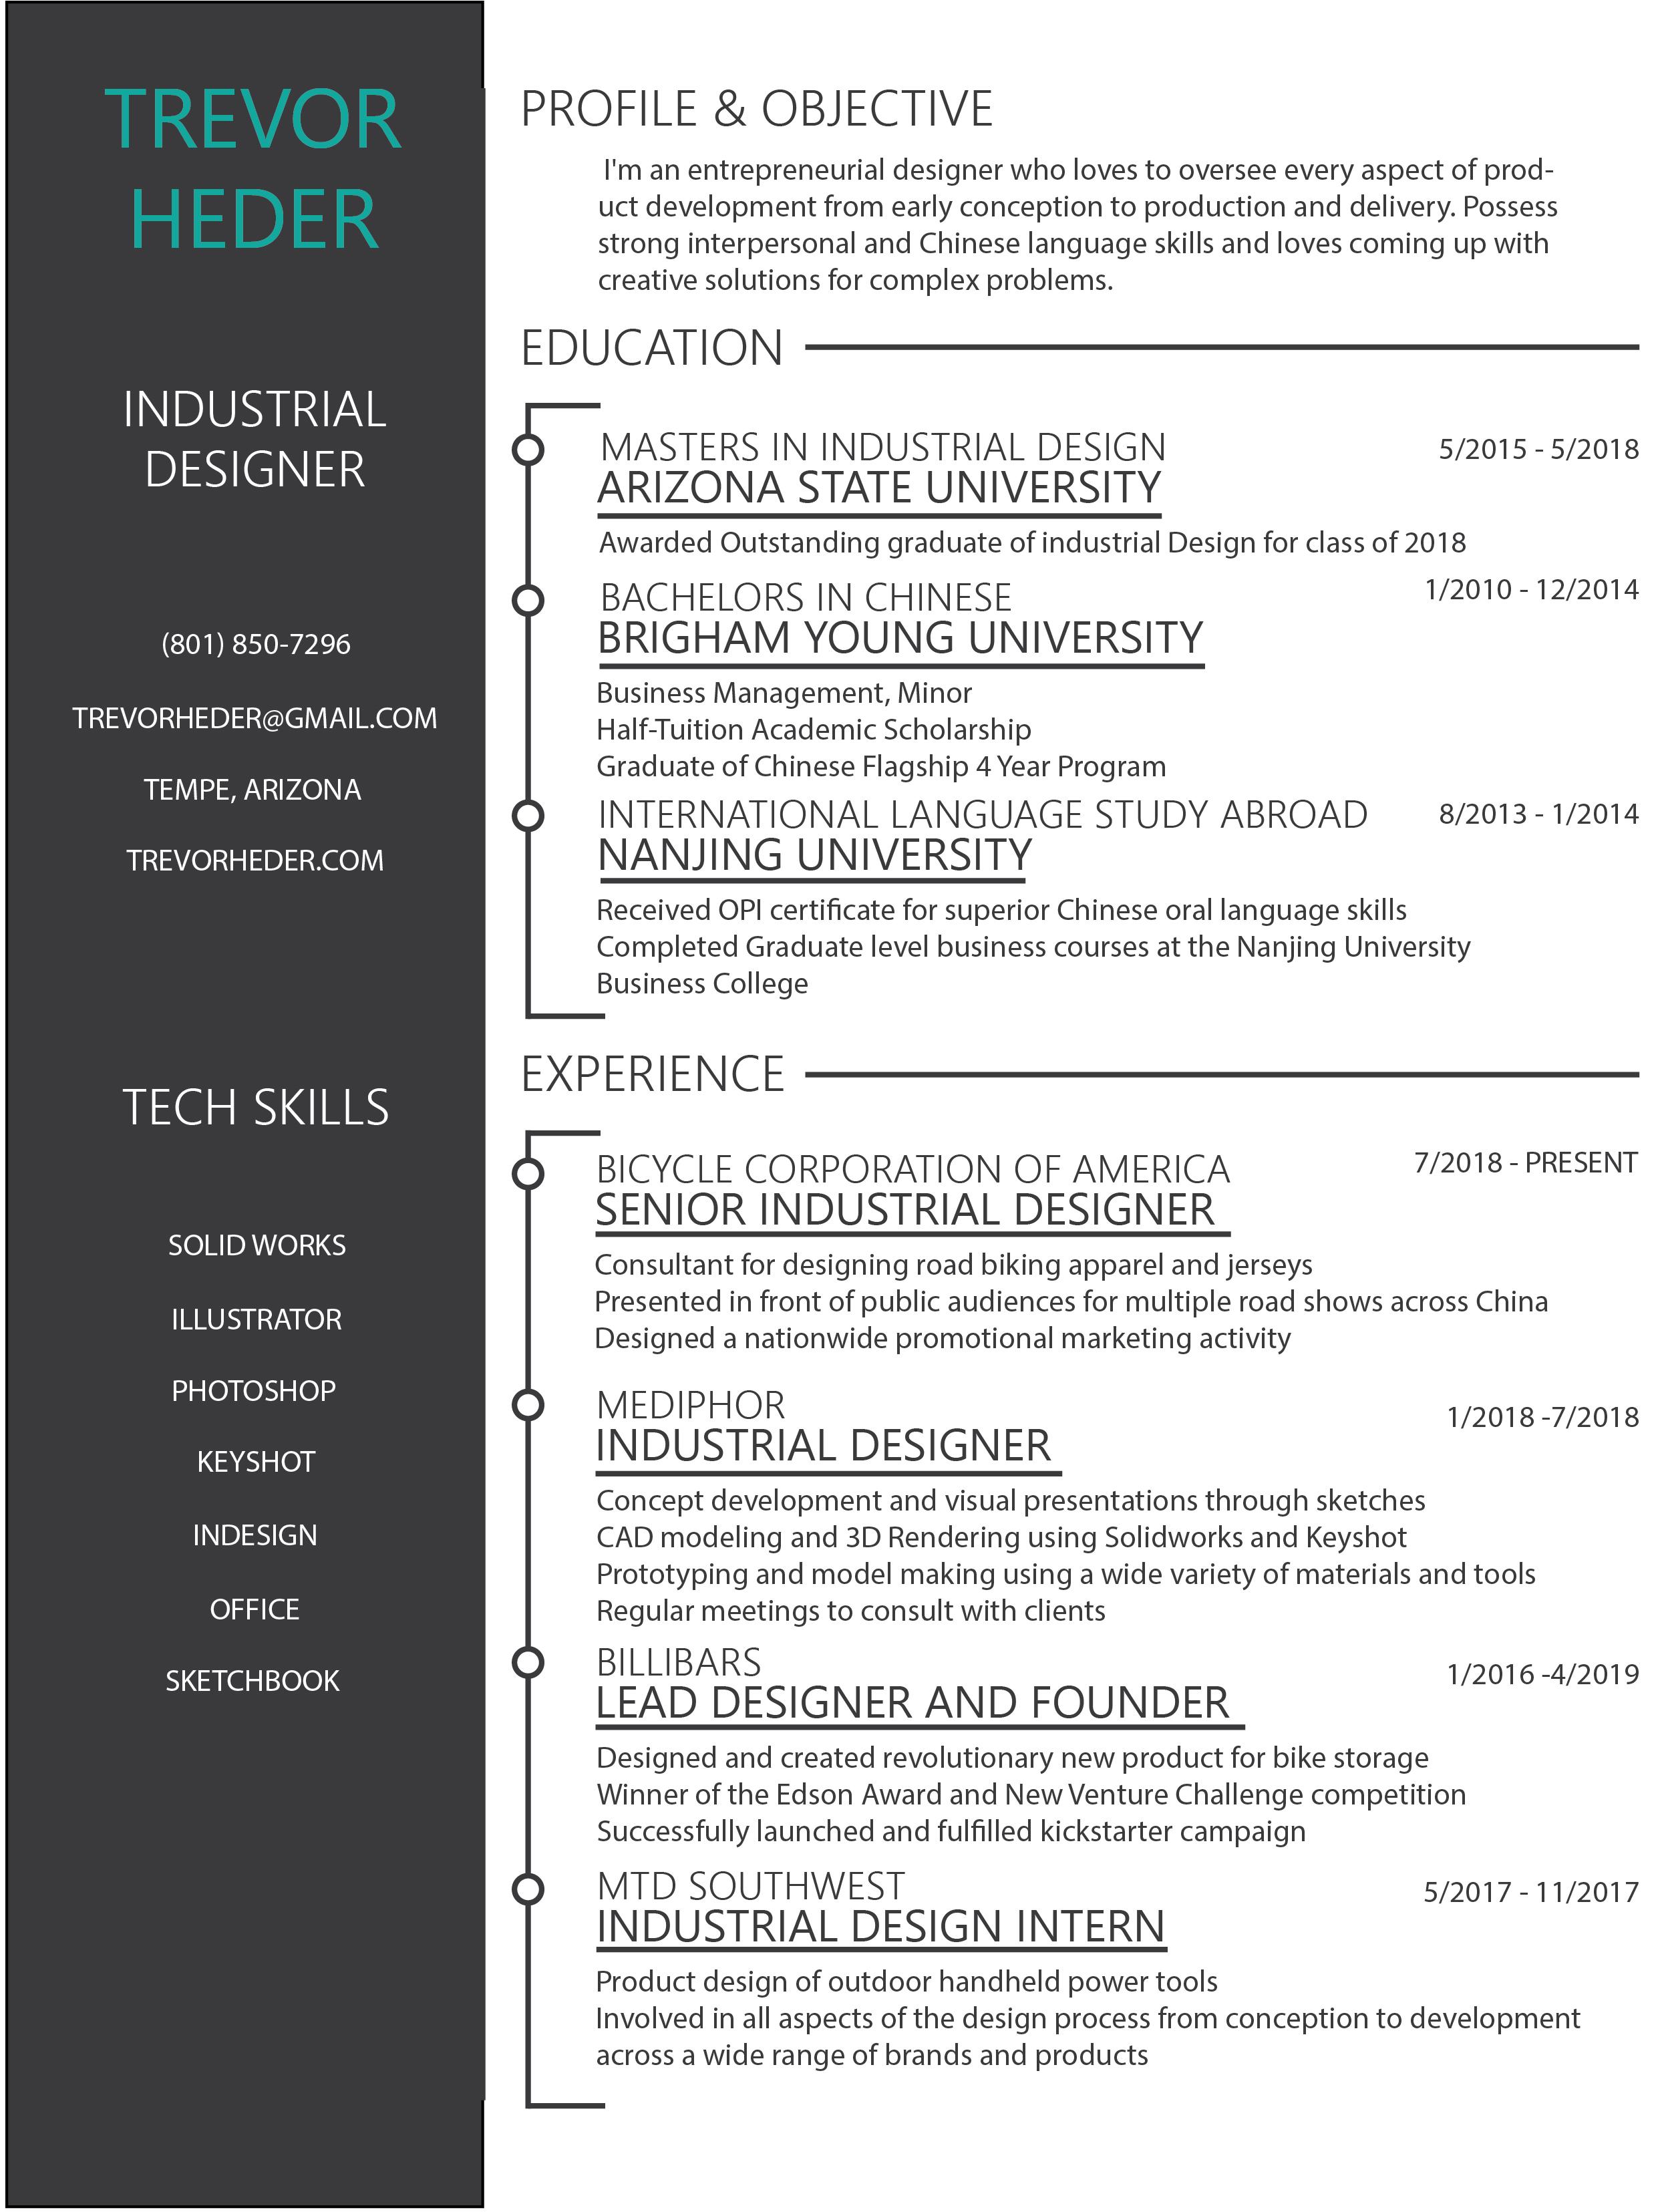 Trevor Heder Resume.v2.jpg